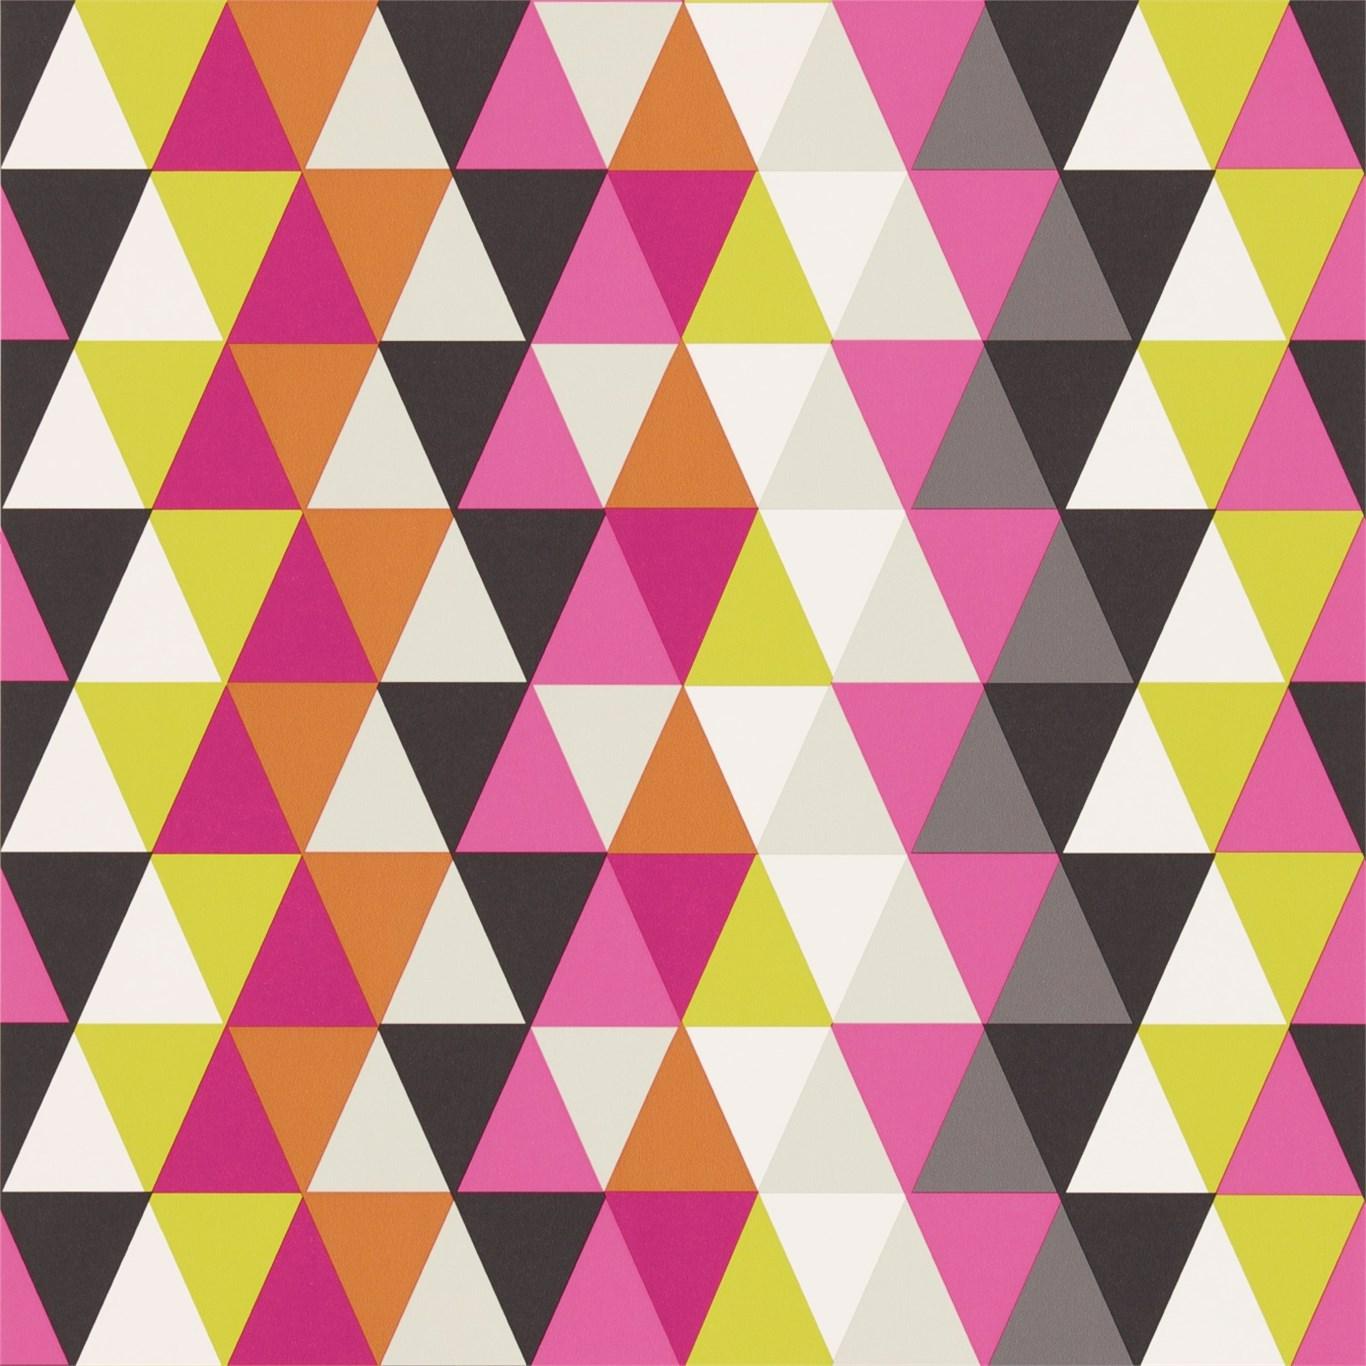 Kaleidoscope by HAR